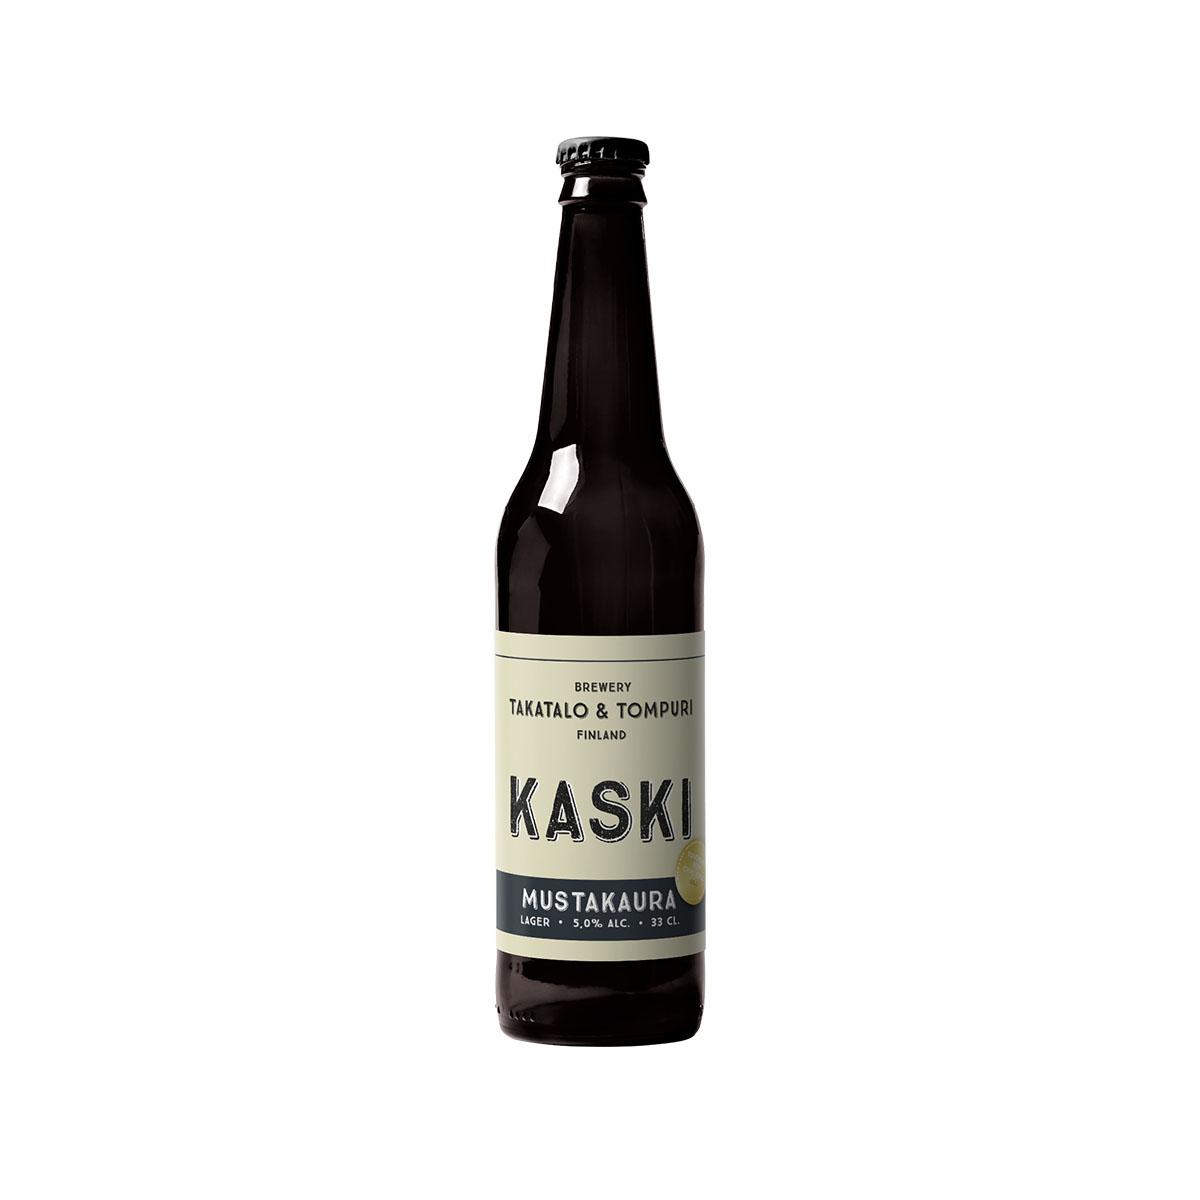 Takatalo & Tompuri Kaski Mustakaura 5,0% - 0,33l bottle